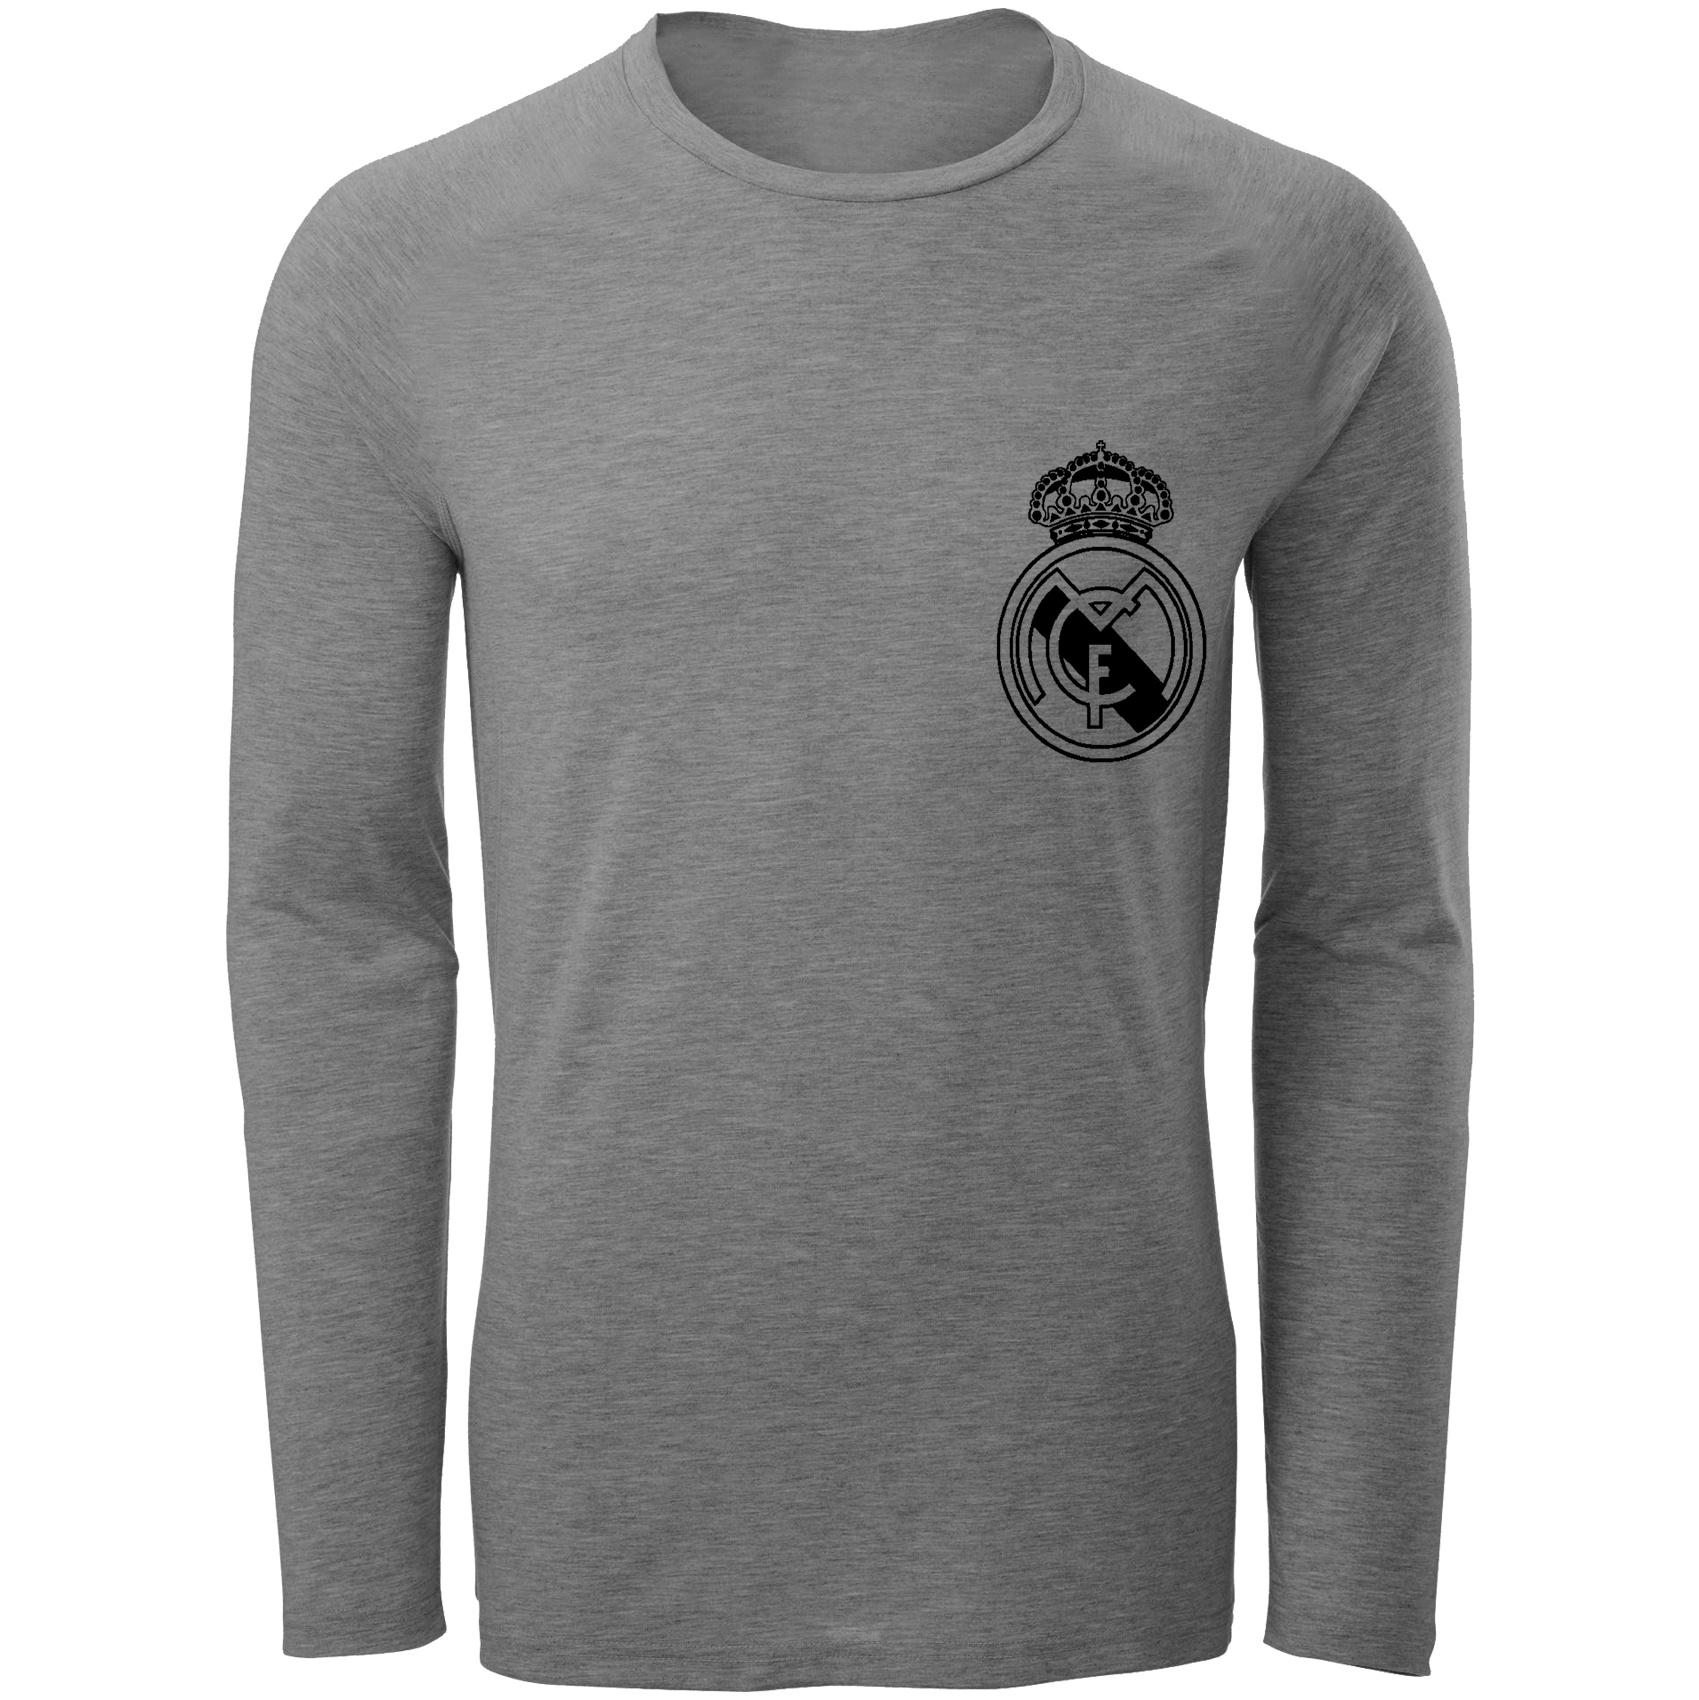 تی شرت آستین بلند مردانه طرح رئال مادرید مدل S36